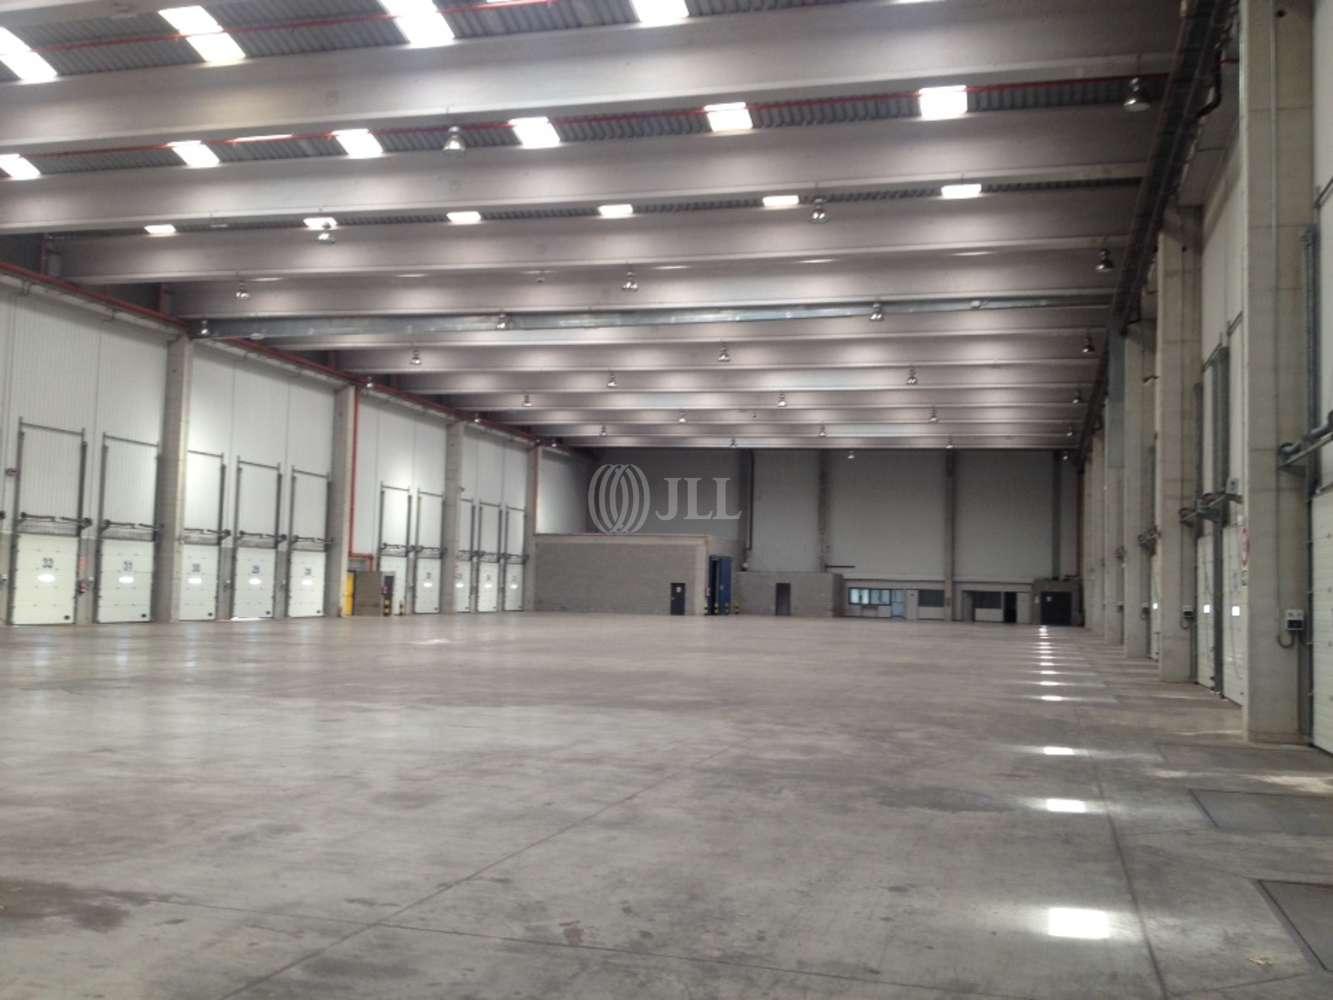 Naves industriales y logísticas Barcelona, 08040 - Nave Logistica - B0047 - ZAL I PUERTO DE BARCELONA - 3326